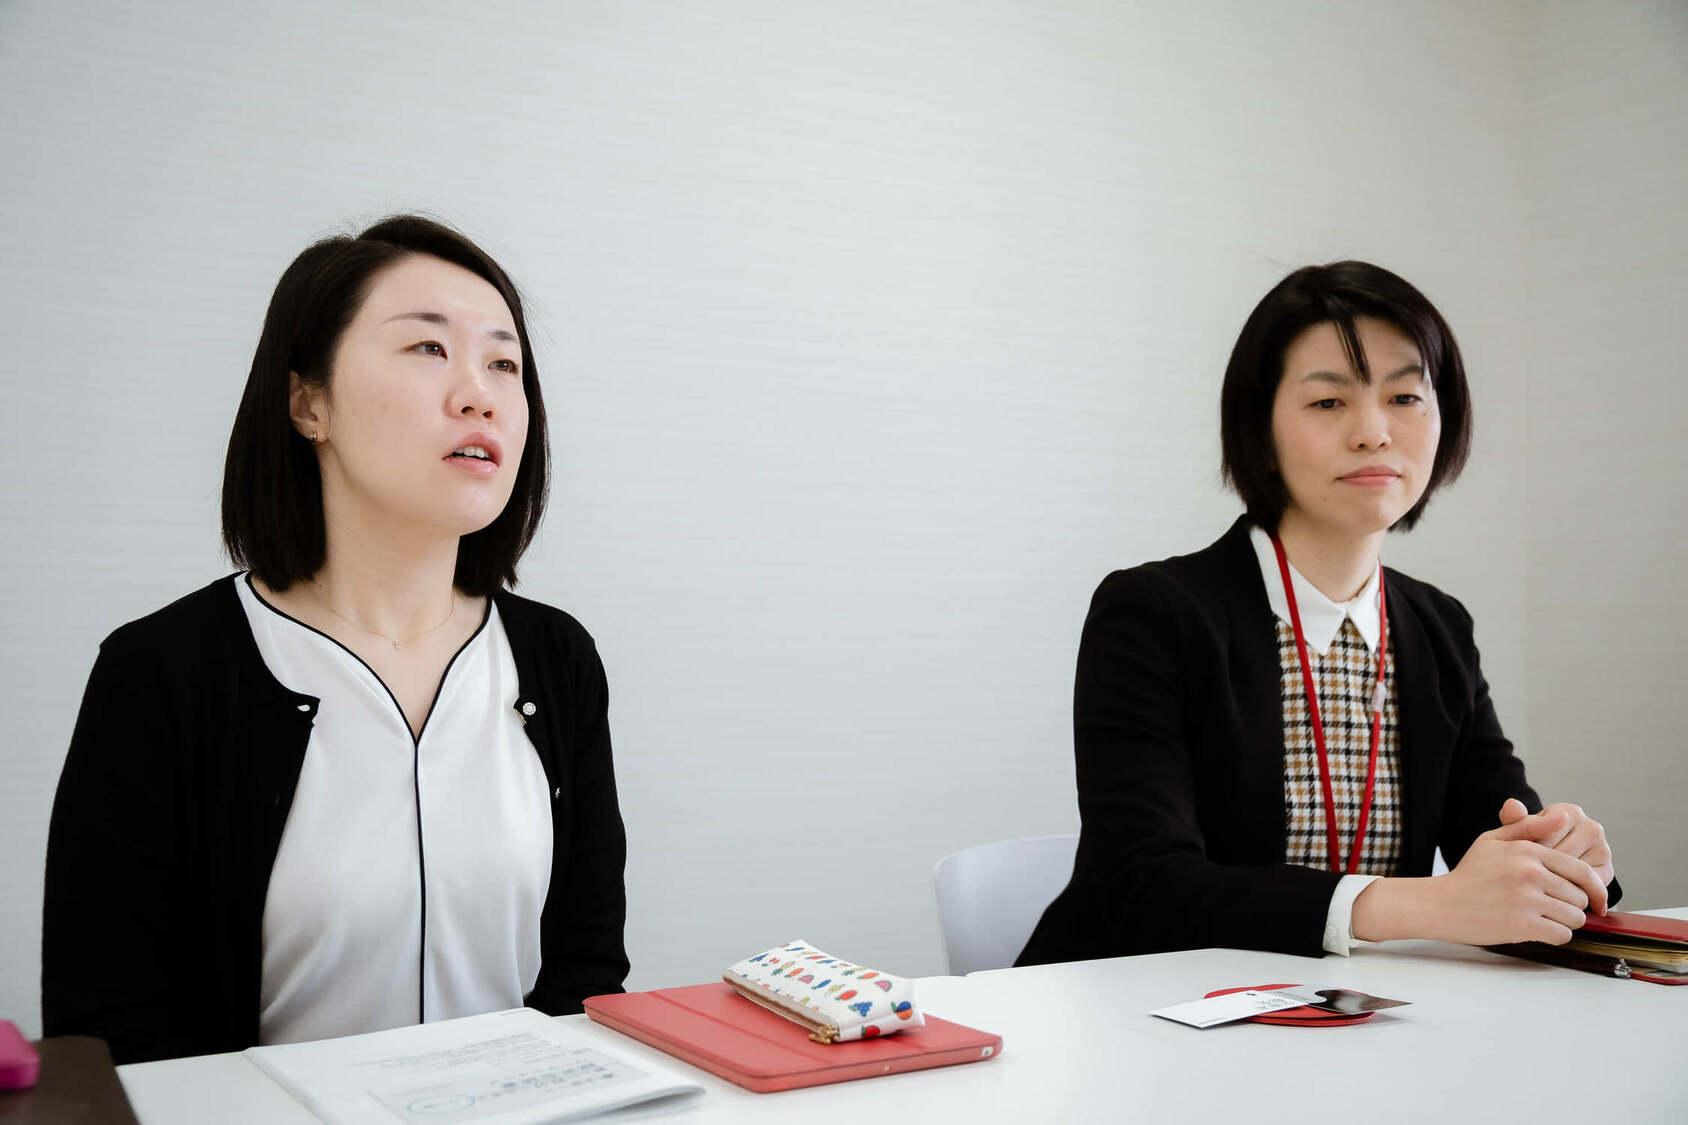 山崎学園 富士見中学高等学校 三浦佳奈先生 宗愛子先生 インタビュー